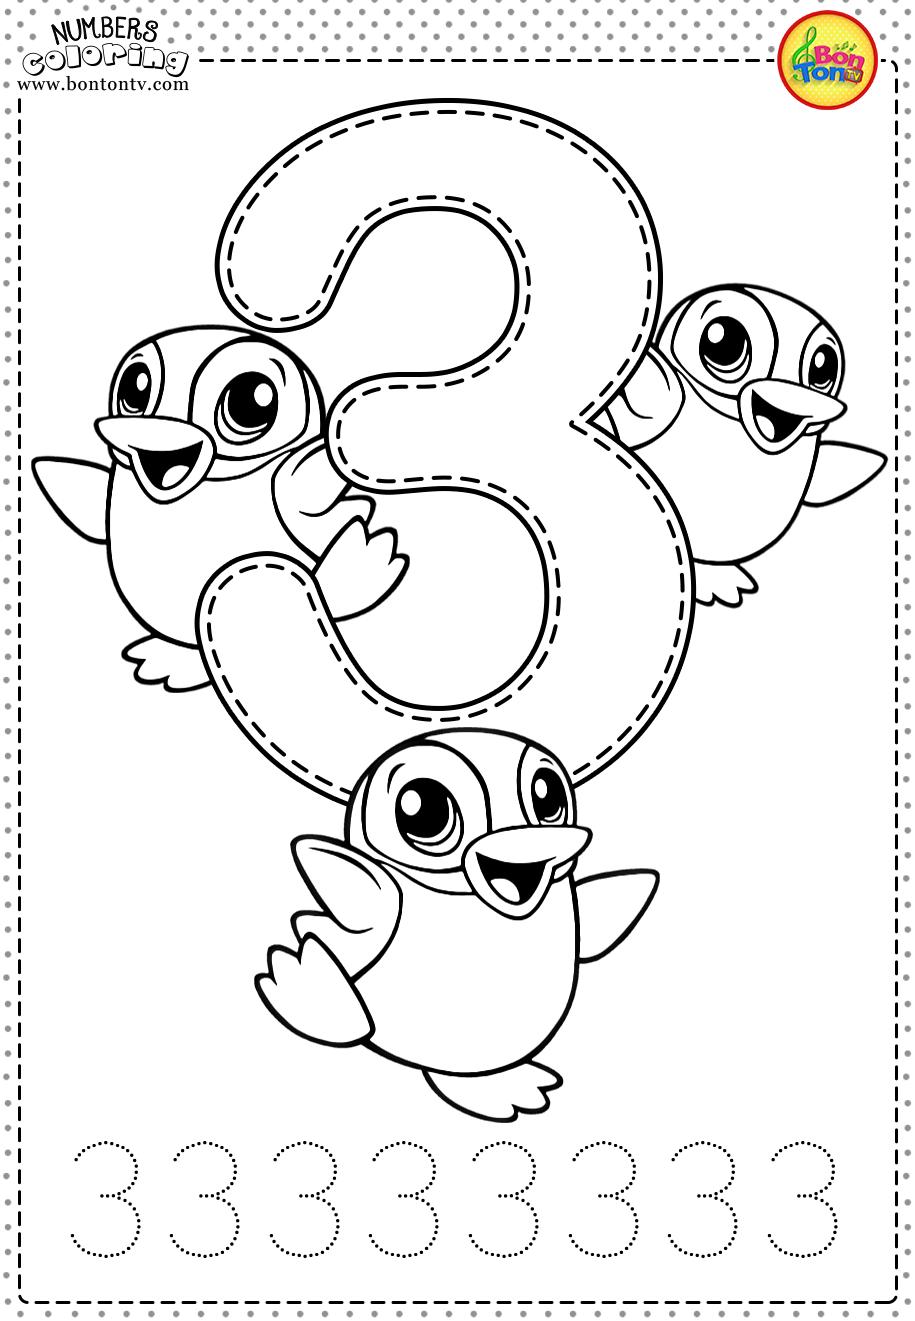 Number 3 Preschool Printables Free Worksheets Atividades De Aprendizagem Para Criancas Tarefas Para Educacao Infantil Atividade Alfabeto Educacao Infantil